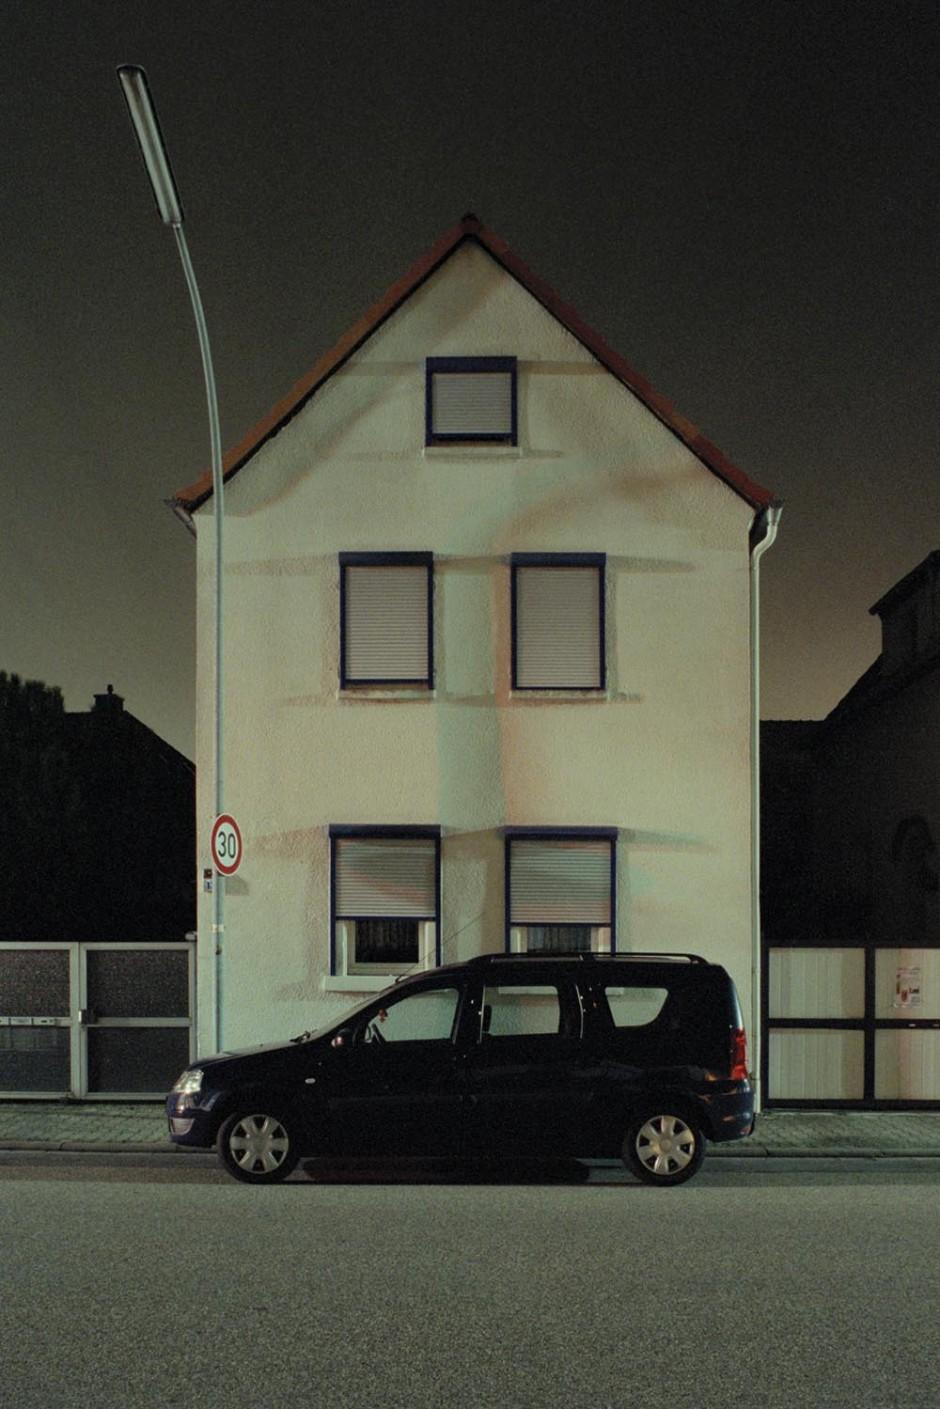 Foto Sebastian Lang, Behaviour Scan, www.guteaussichten.org